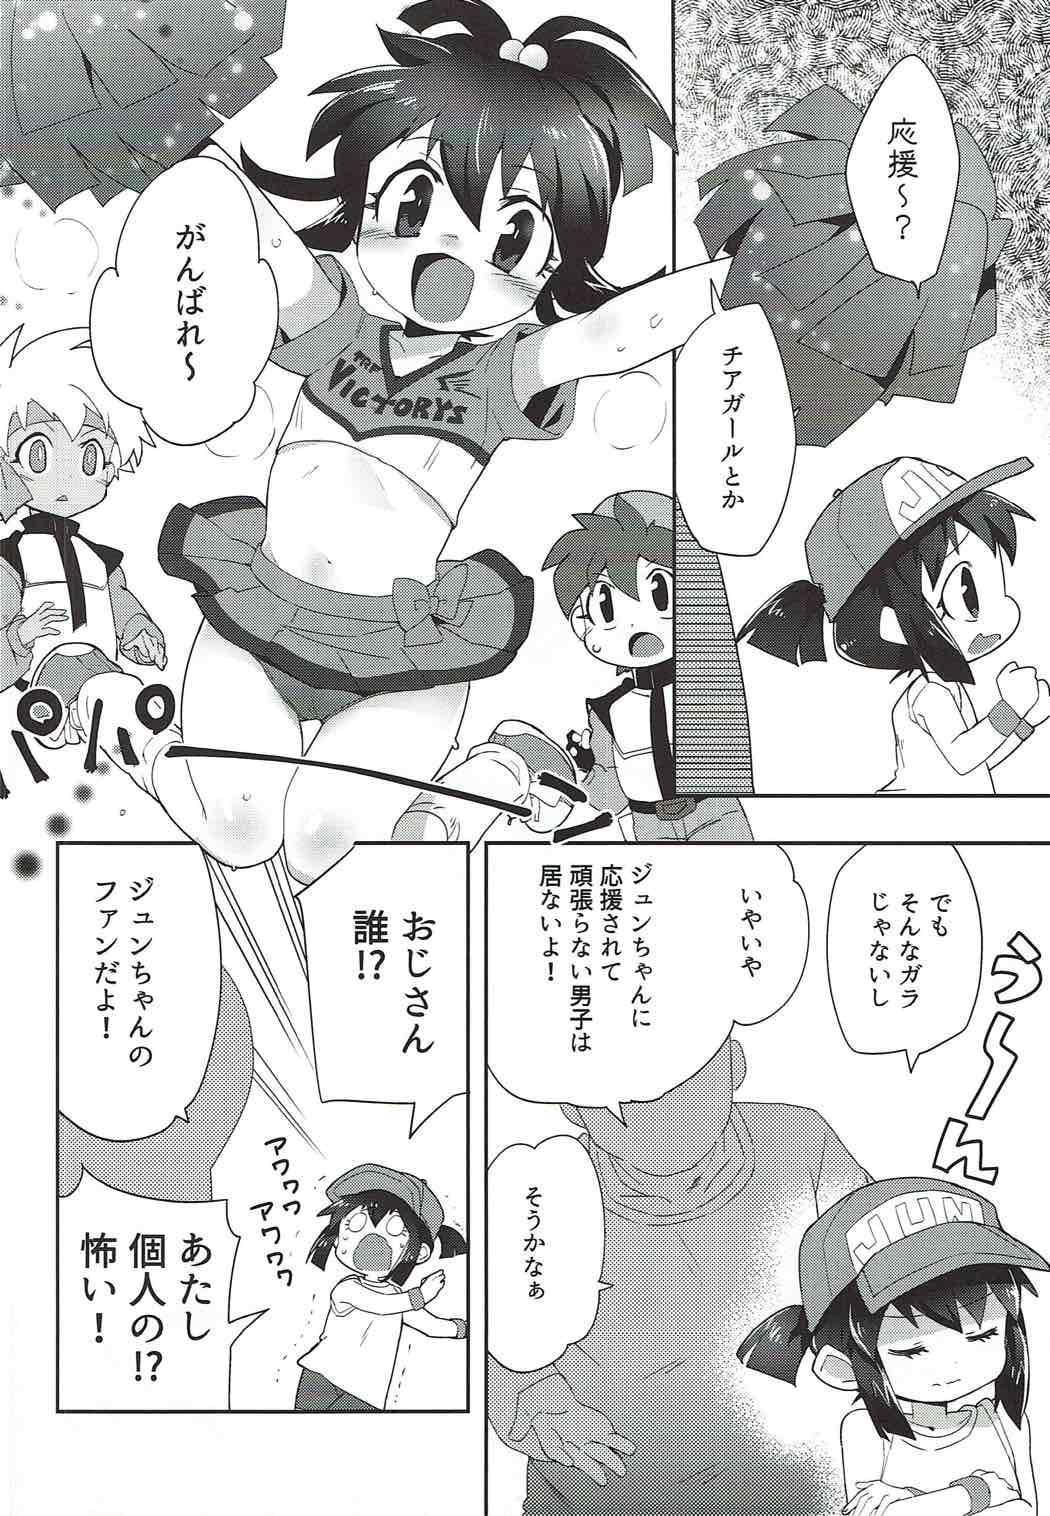 Genki ga Areba Nandemo Dekiru! 2